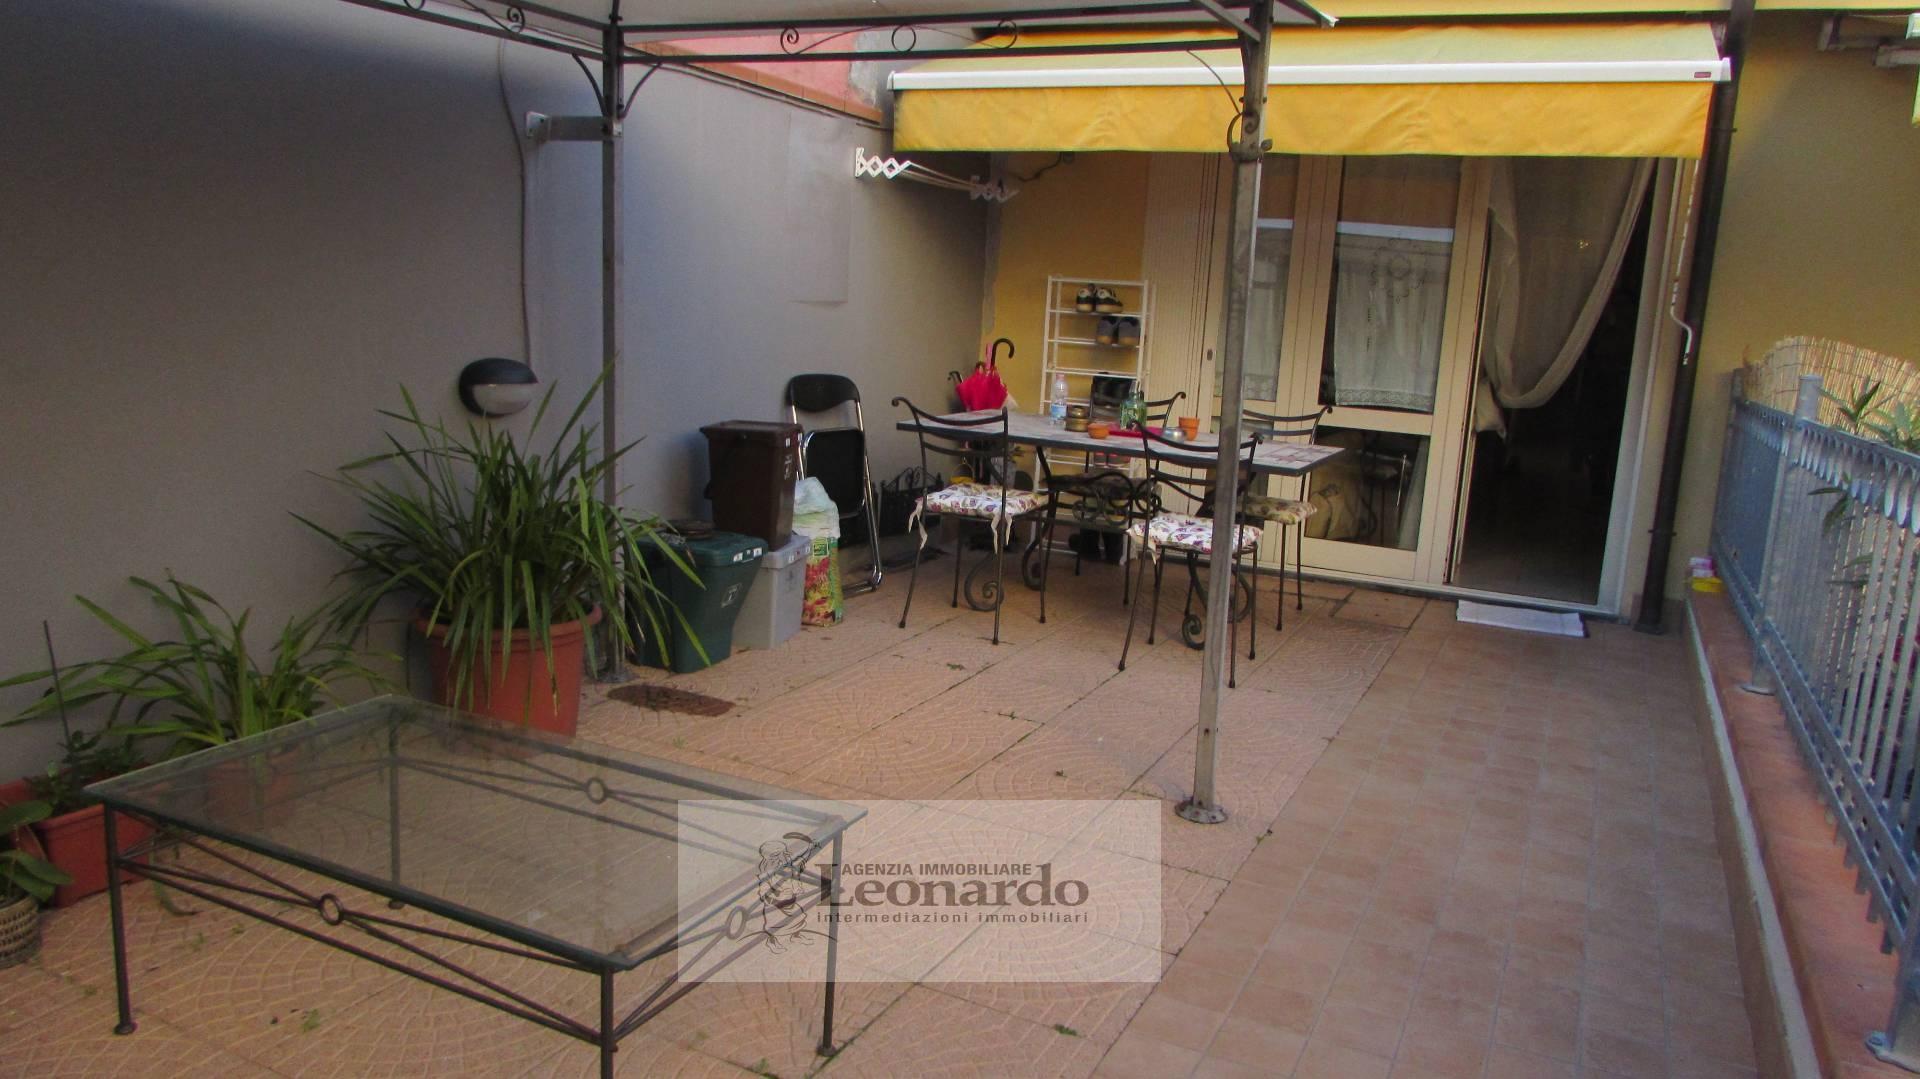 Soluzione Indipendente in vendita a Viareggio, 6 locali, zona Località: Centro, prezzo € 360.000 | Cambio Casa.it